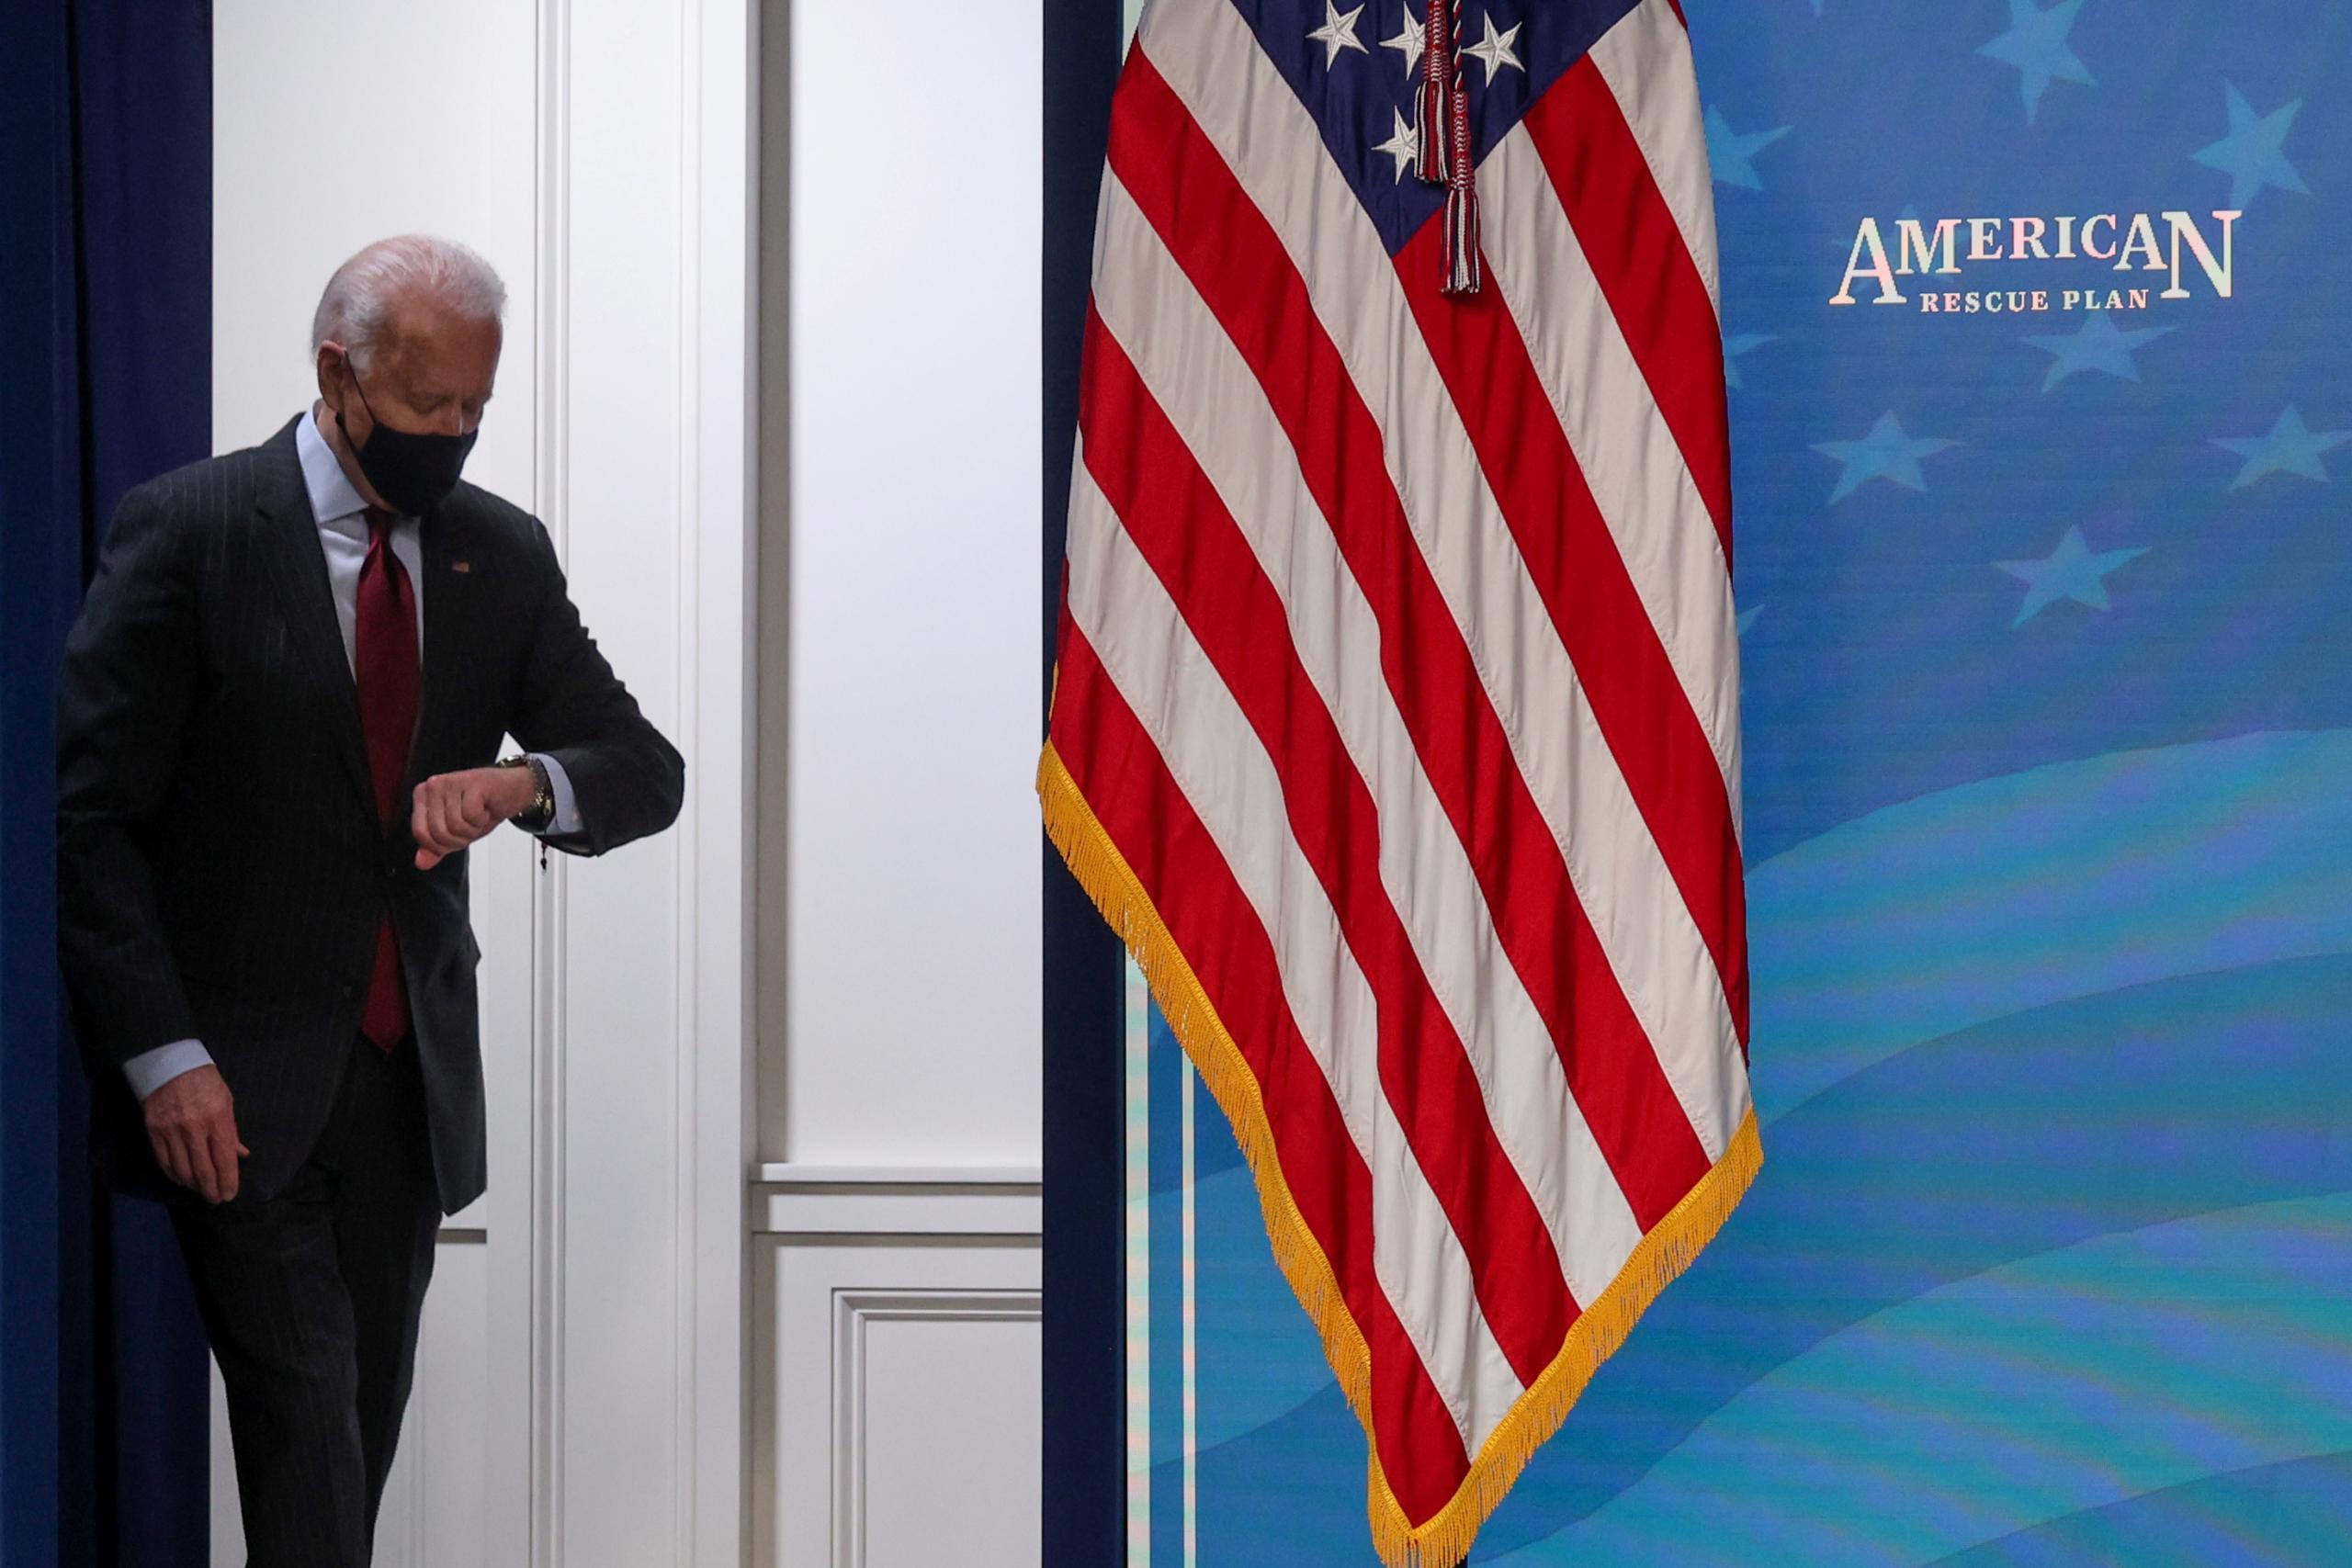 """الرئيس الأميركي جو بايدن يأمر بتنكيس العلم حزنا على ضحايا كورونا -""""رويترز"""""""